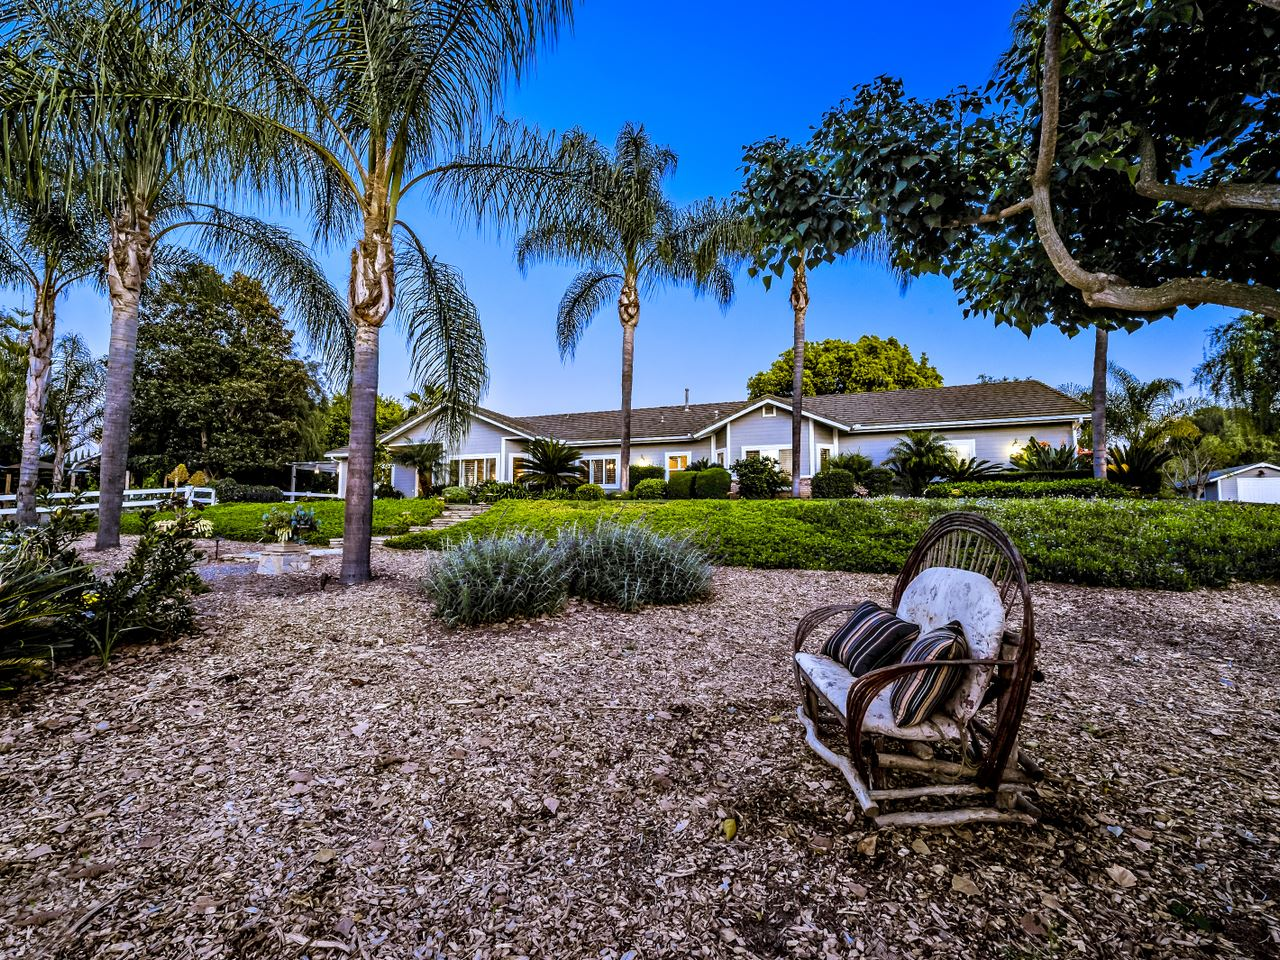 2399 Via Del Robles, Fallbrook, CA, 92028 Primary Photo